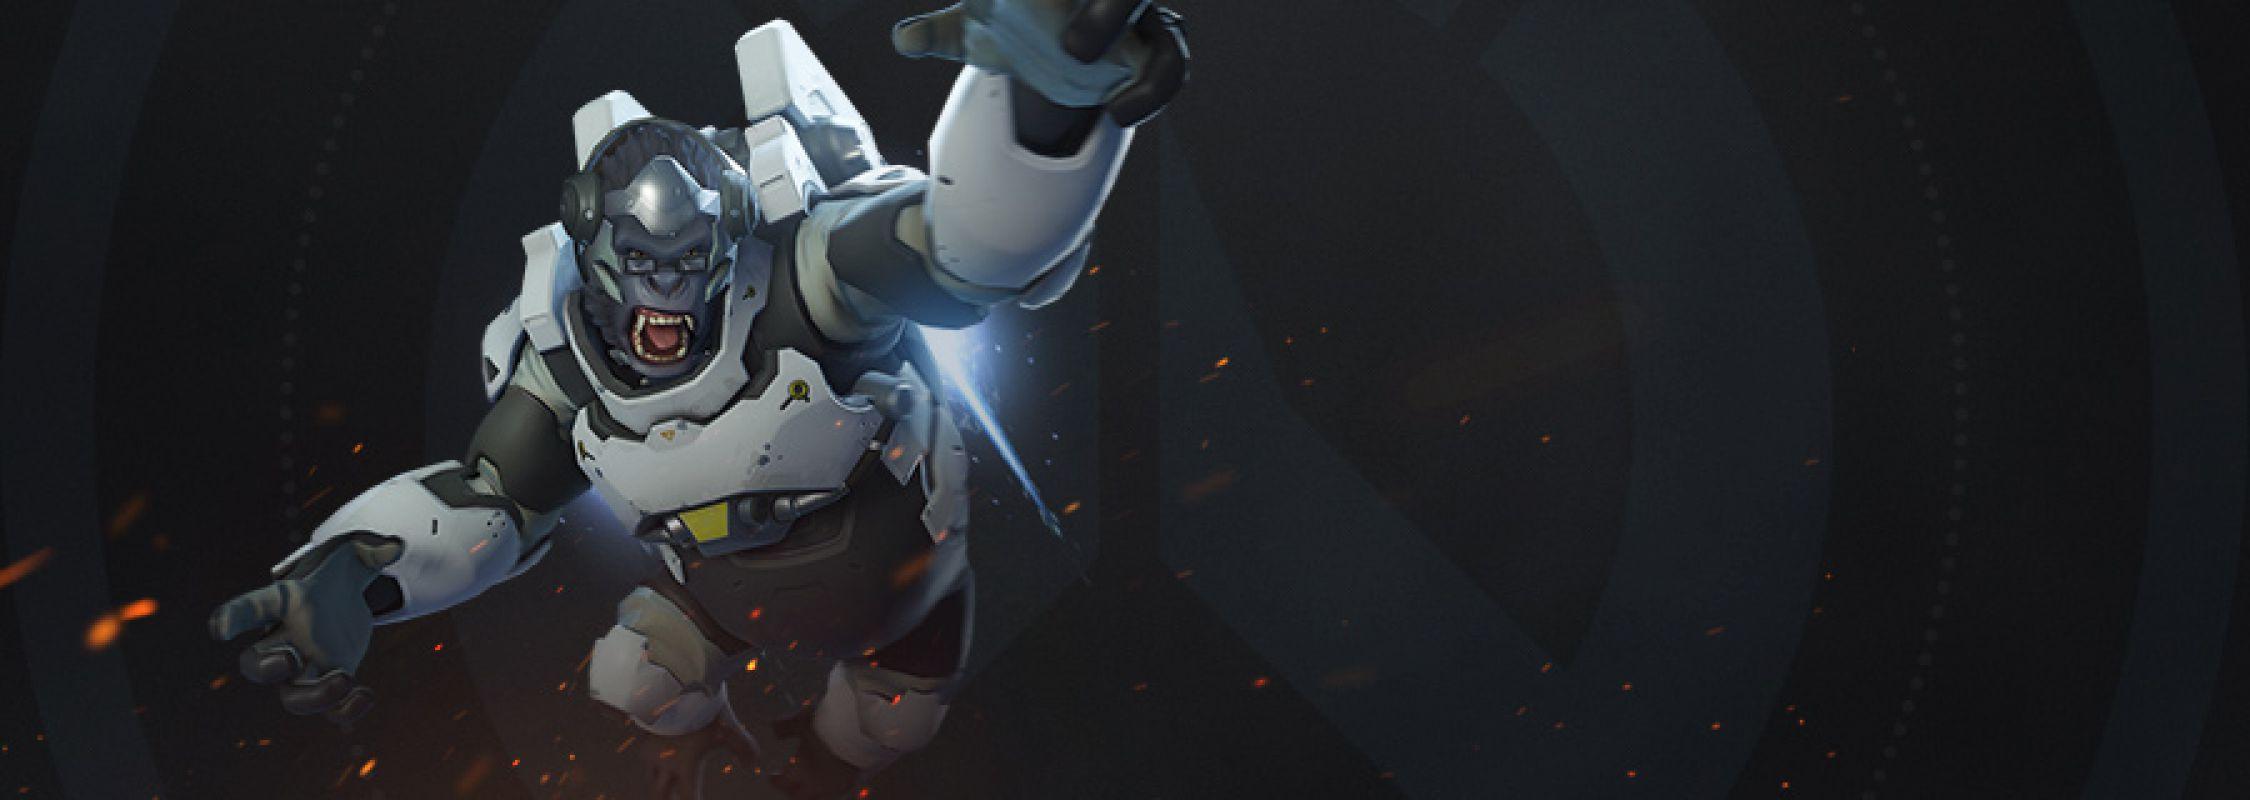 Официальный дебют Overwatch на Twitch